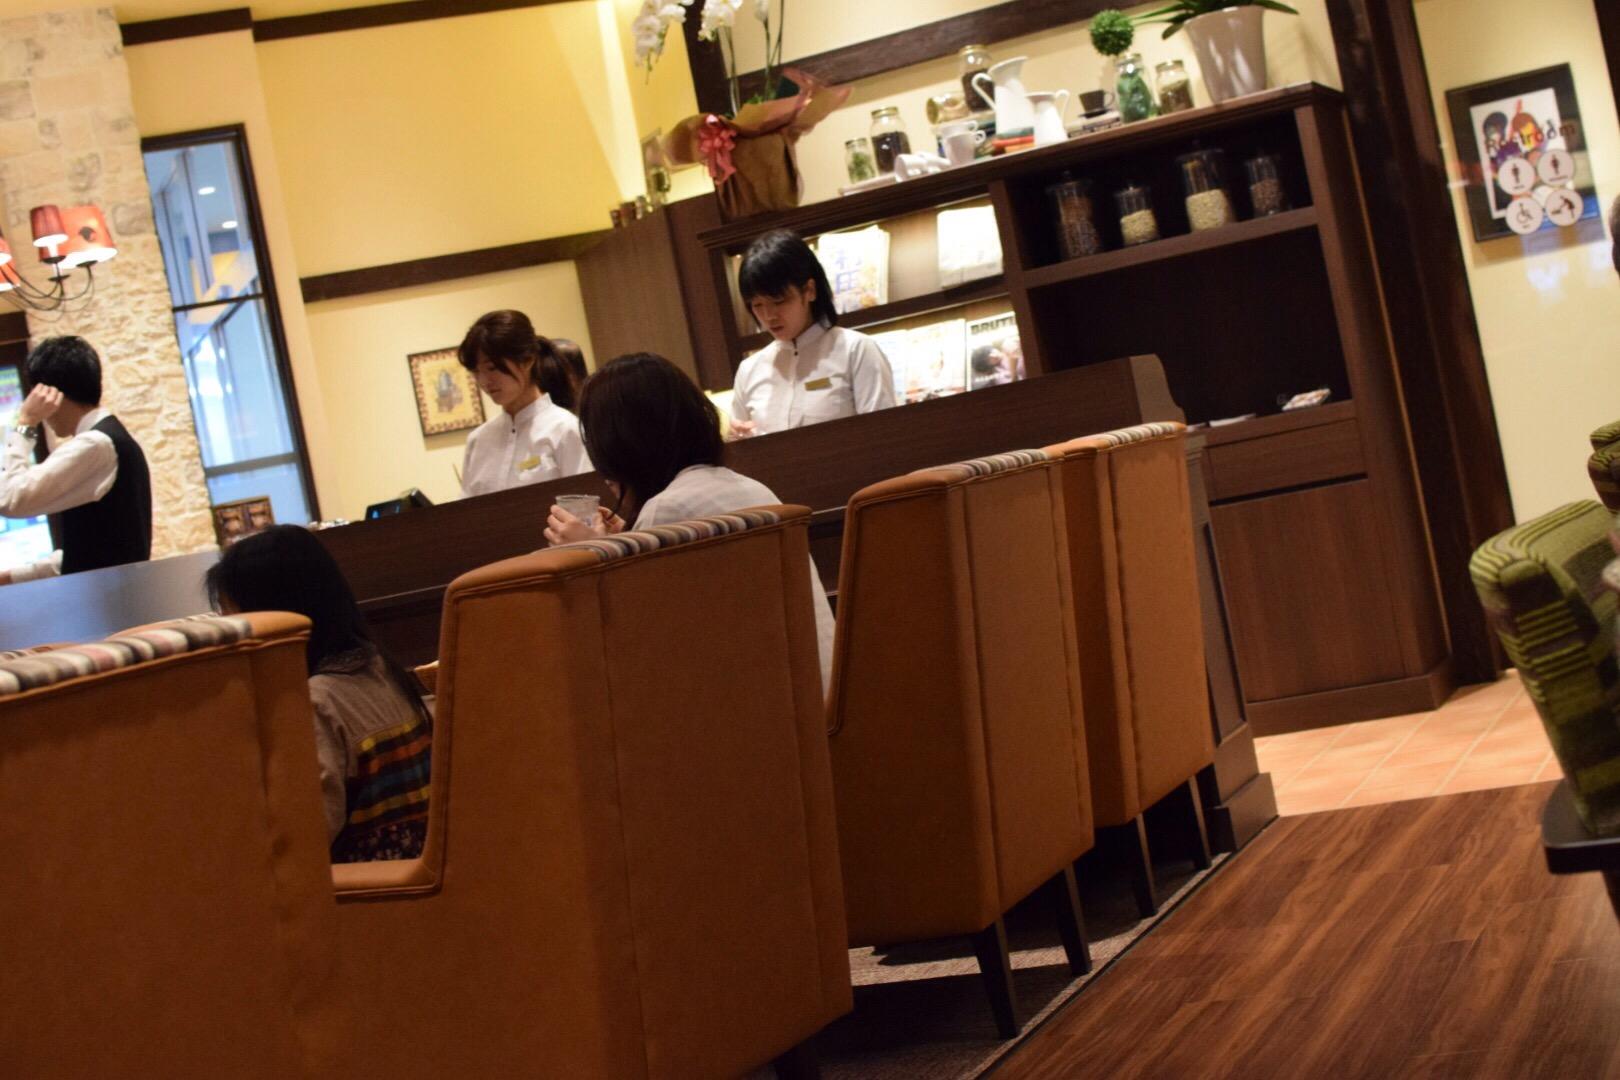 高倉町珈琲 あきる野店」の検索...